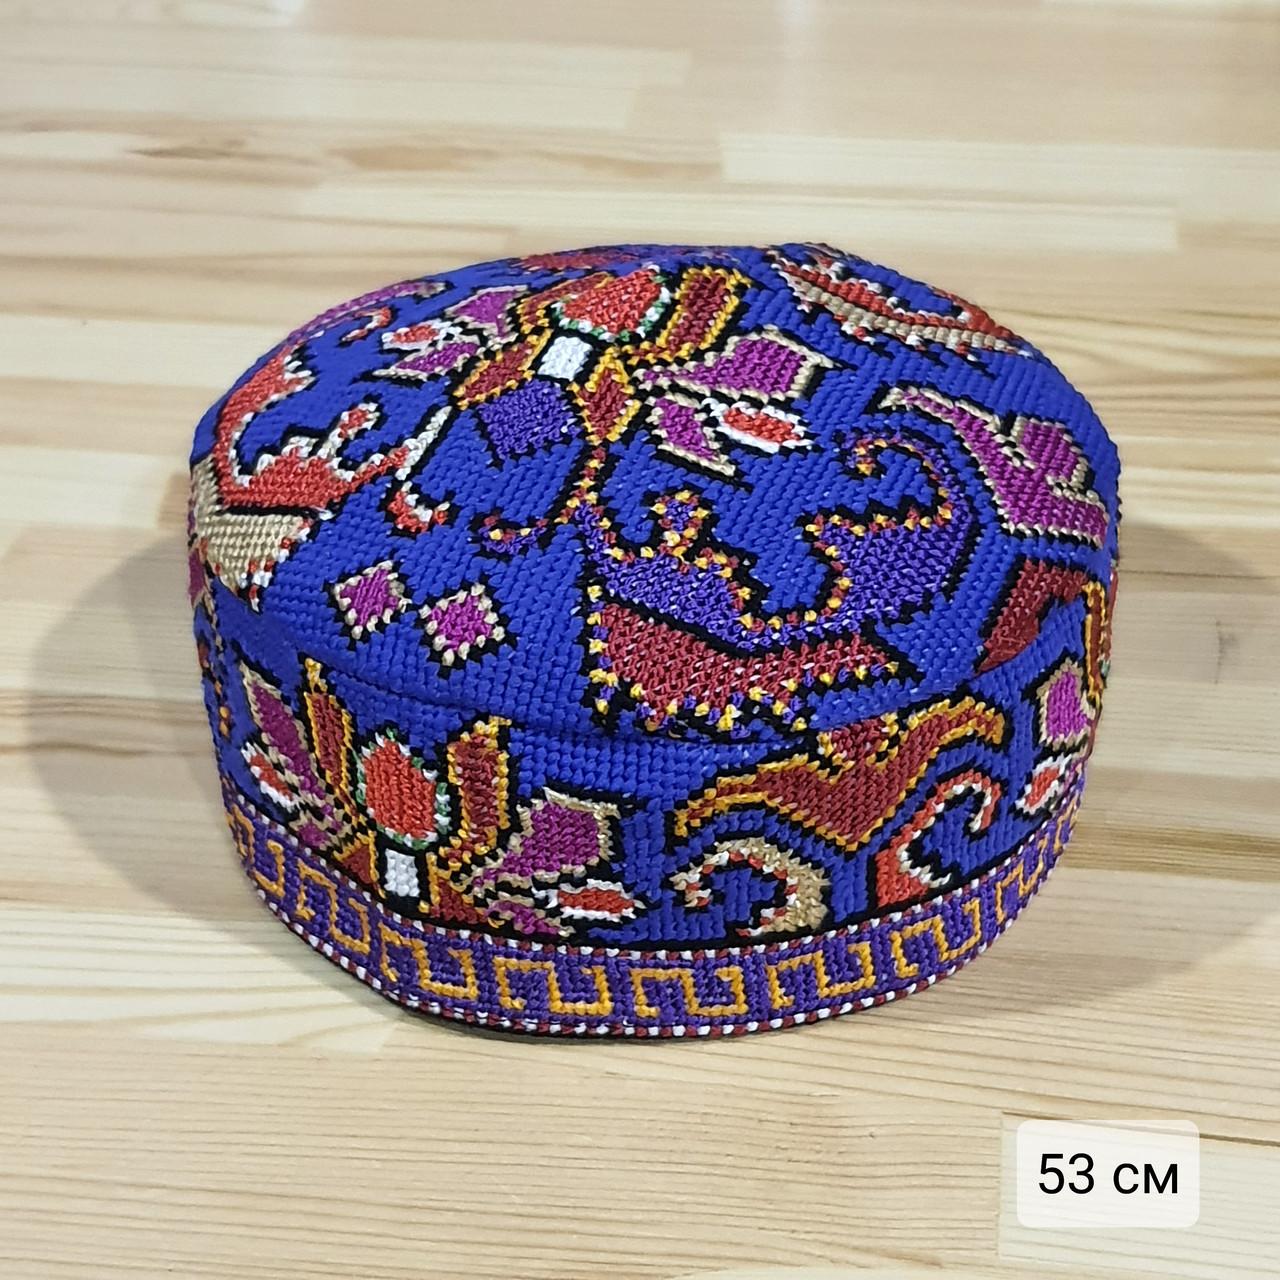 Узбекская тюбетейка 53 см. Ручная вышивка. Узбекистан (53_1)